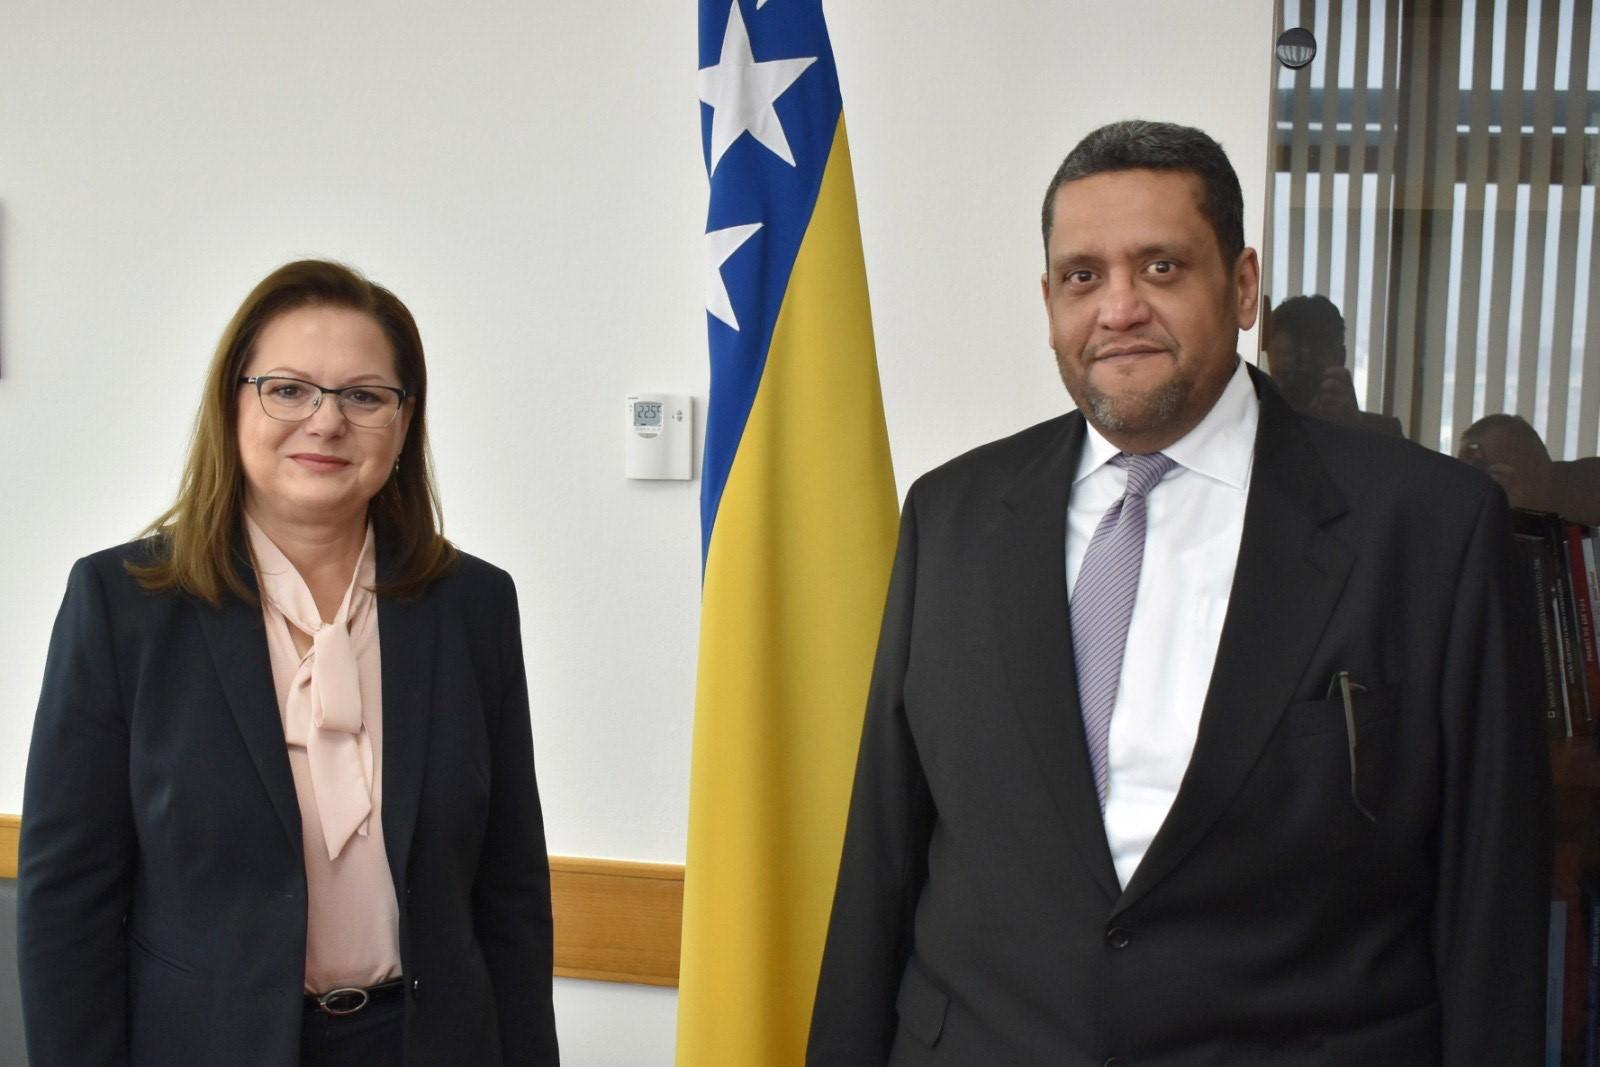 وزيرة الشؤون المدنية بجمهورية البوسنة والهرسك تجتمع مع سفير دولة قطر